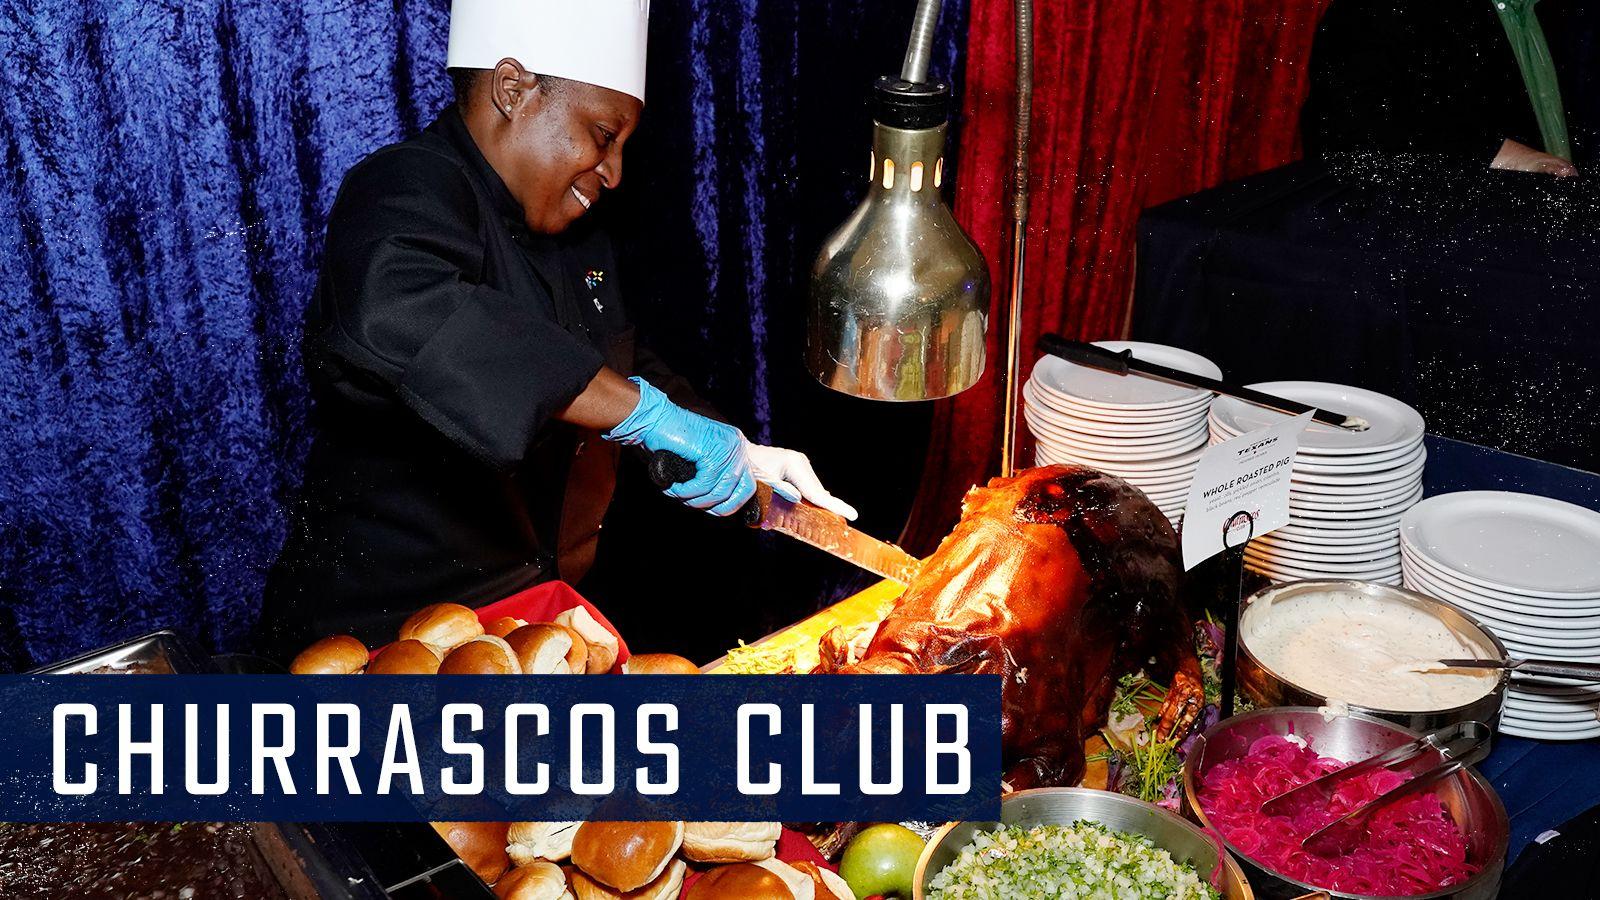 Churrascos Club